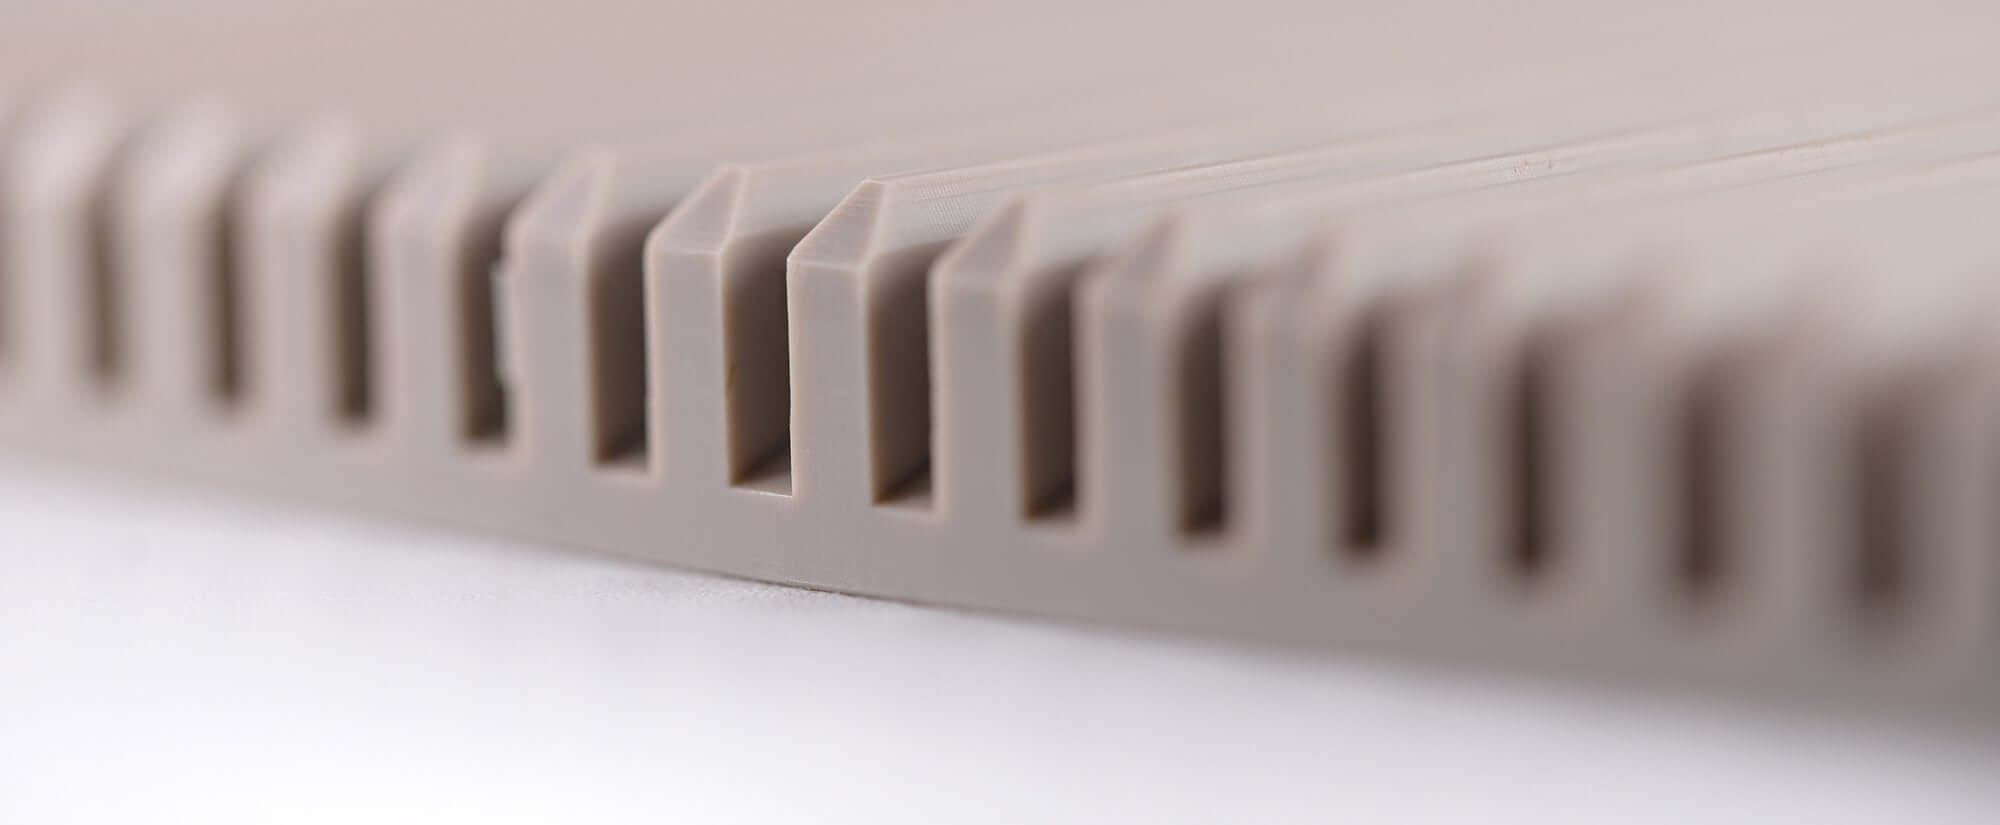 Acryline Frästeil aus PEEK technische teile frästeil zubehör gefräst kunststoff produktion PEEK technisches